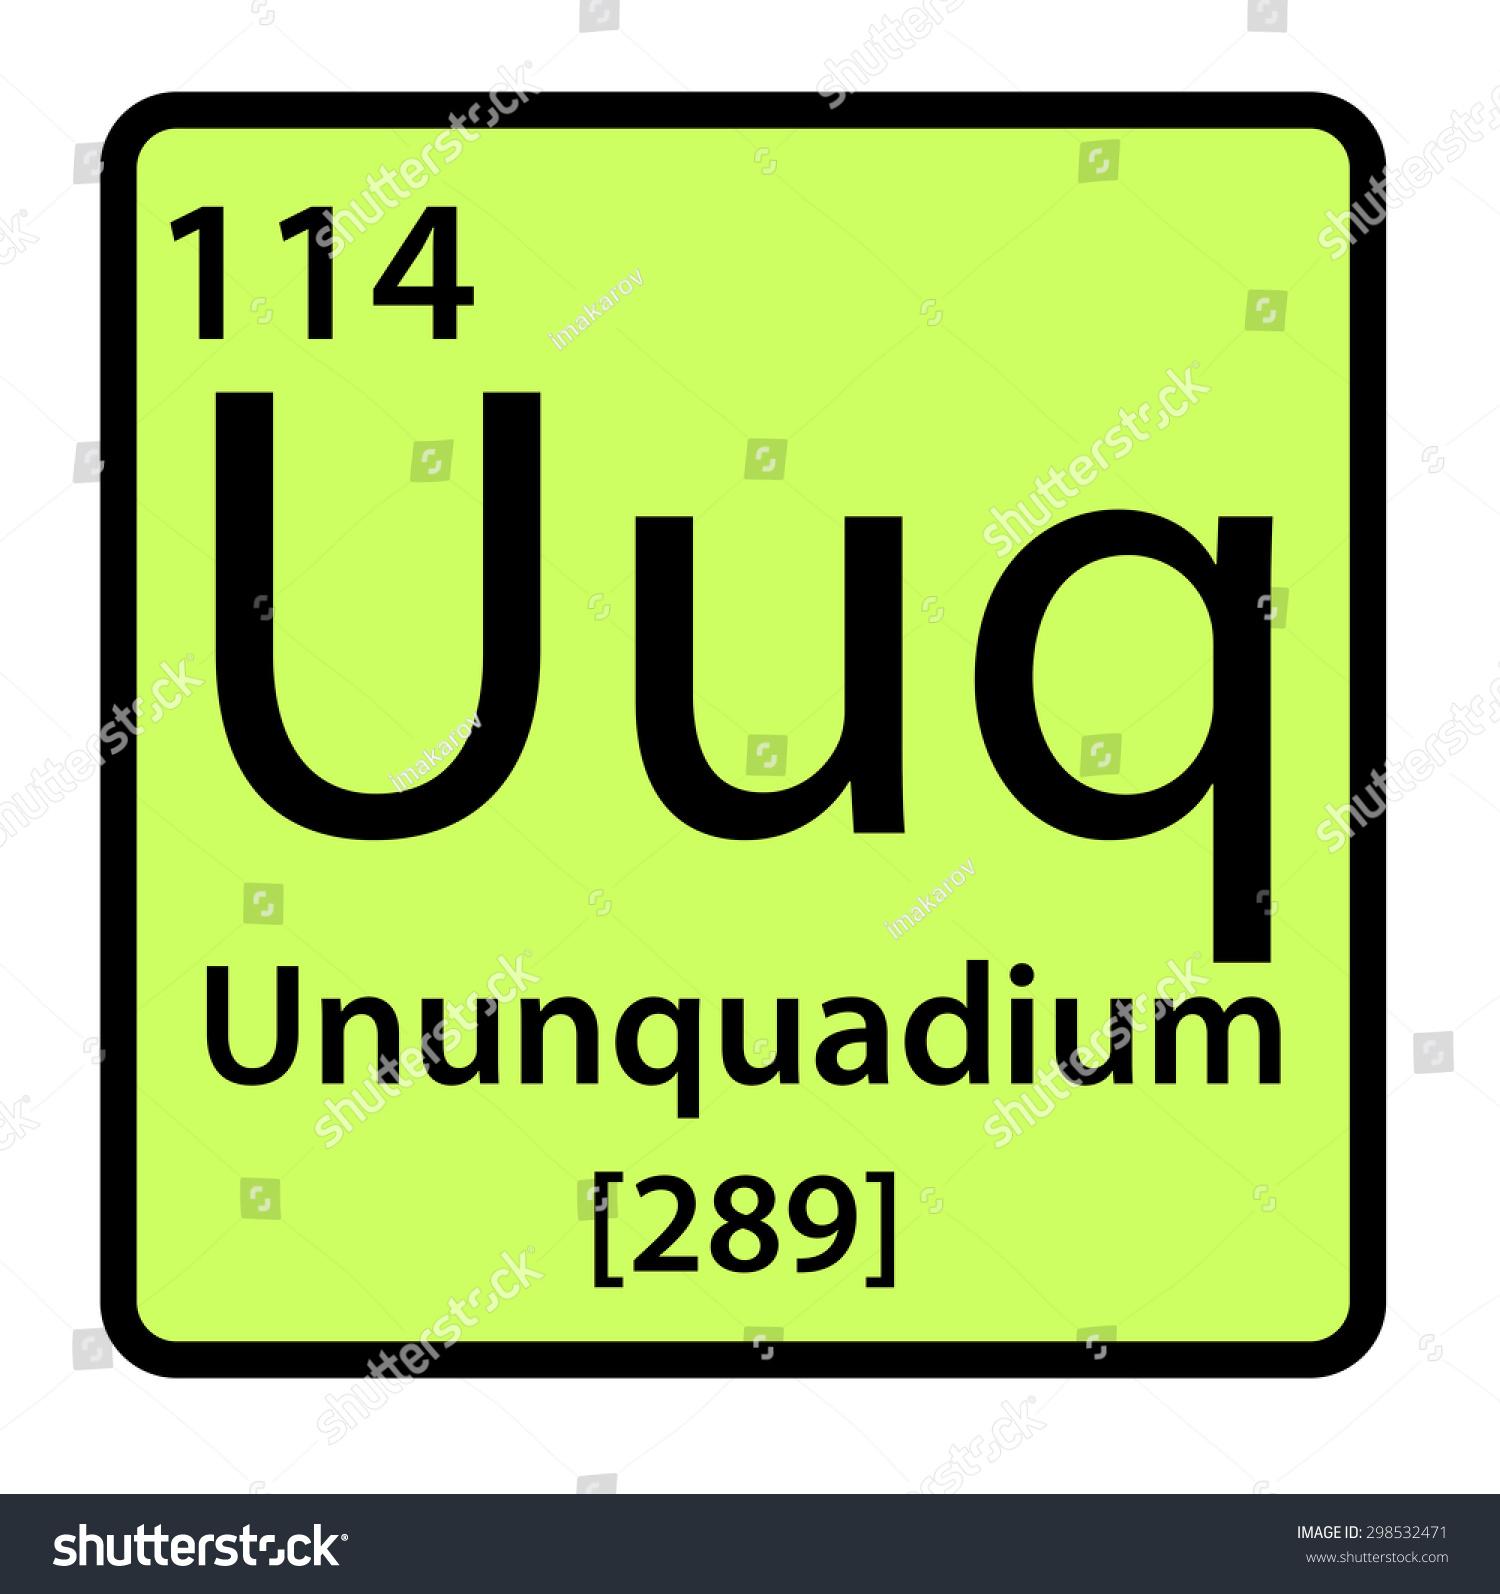 Element ununquadium periodic table stock illustration 298532471 element ununquadium of the periodic table urtaz Image collections